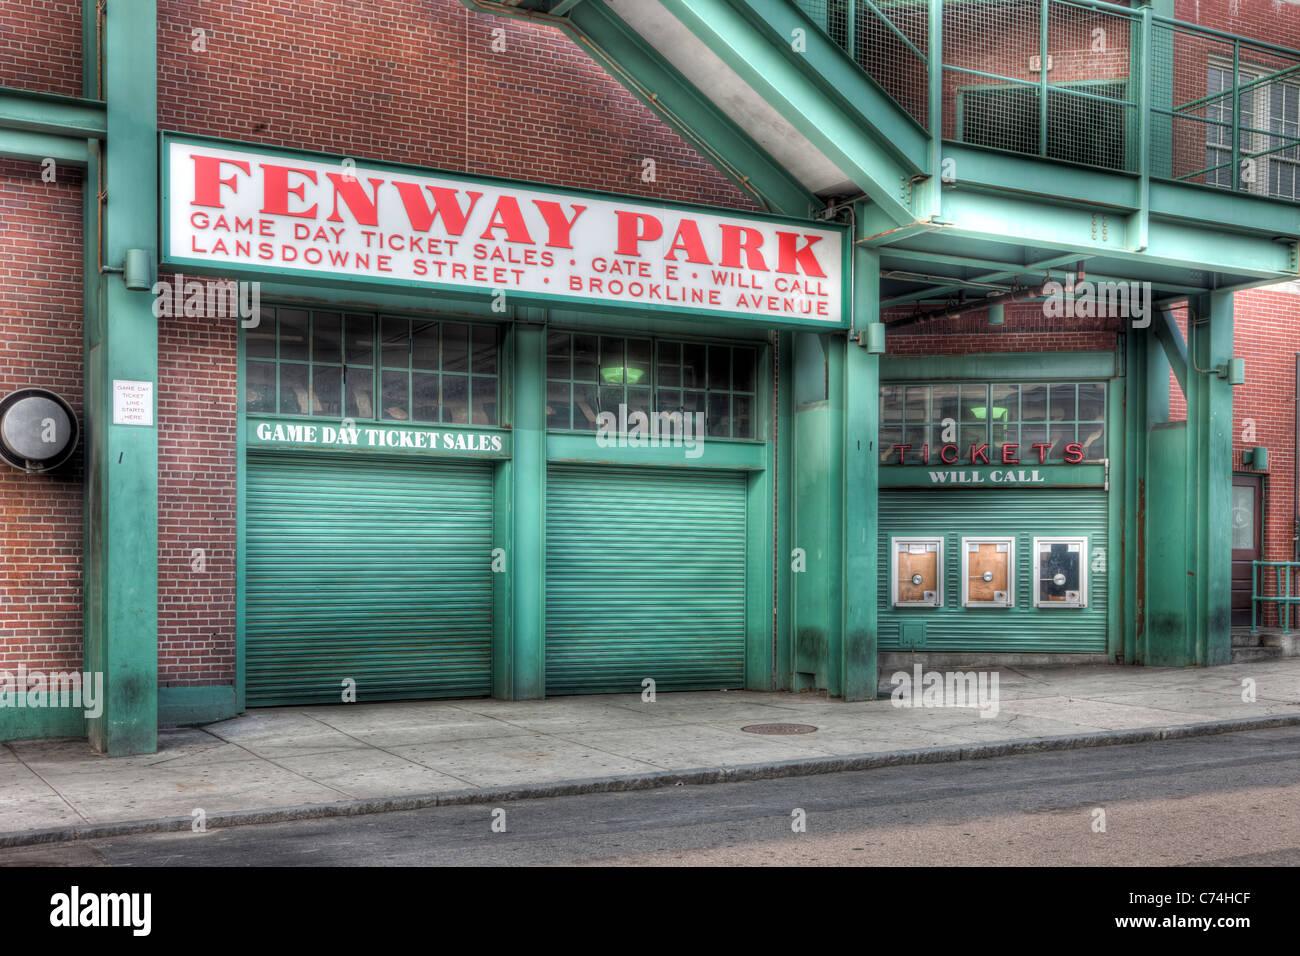 Una vista del histórico Fenway Park en Boston, Massachusetts desde justo fuera de la puerta E, en Lansdowne Imagen De Stock